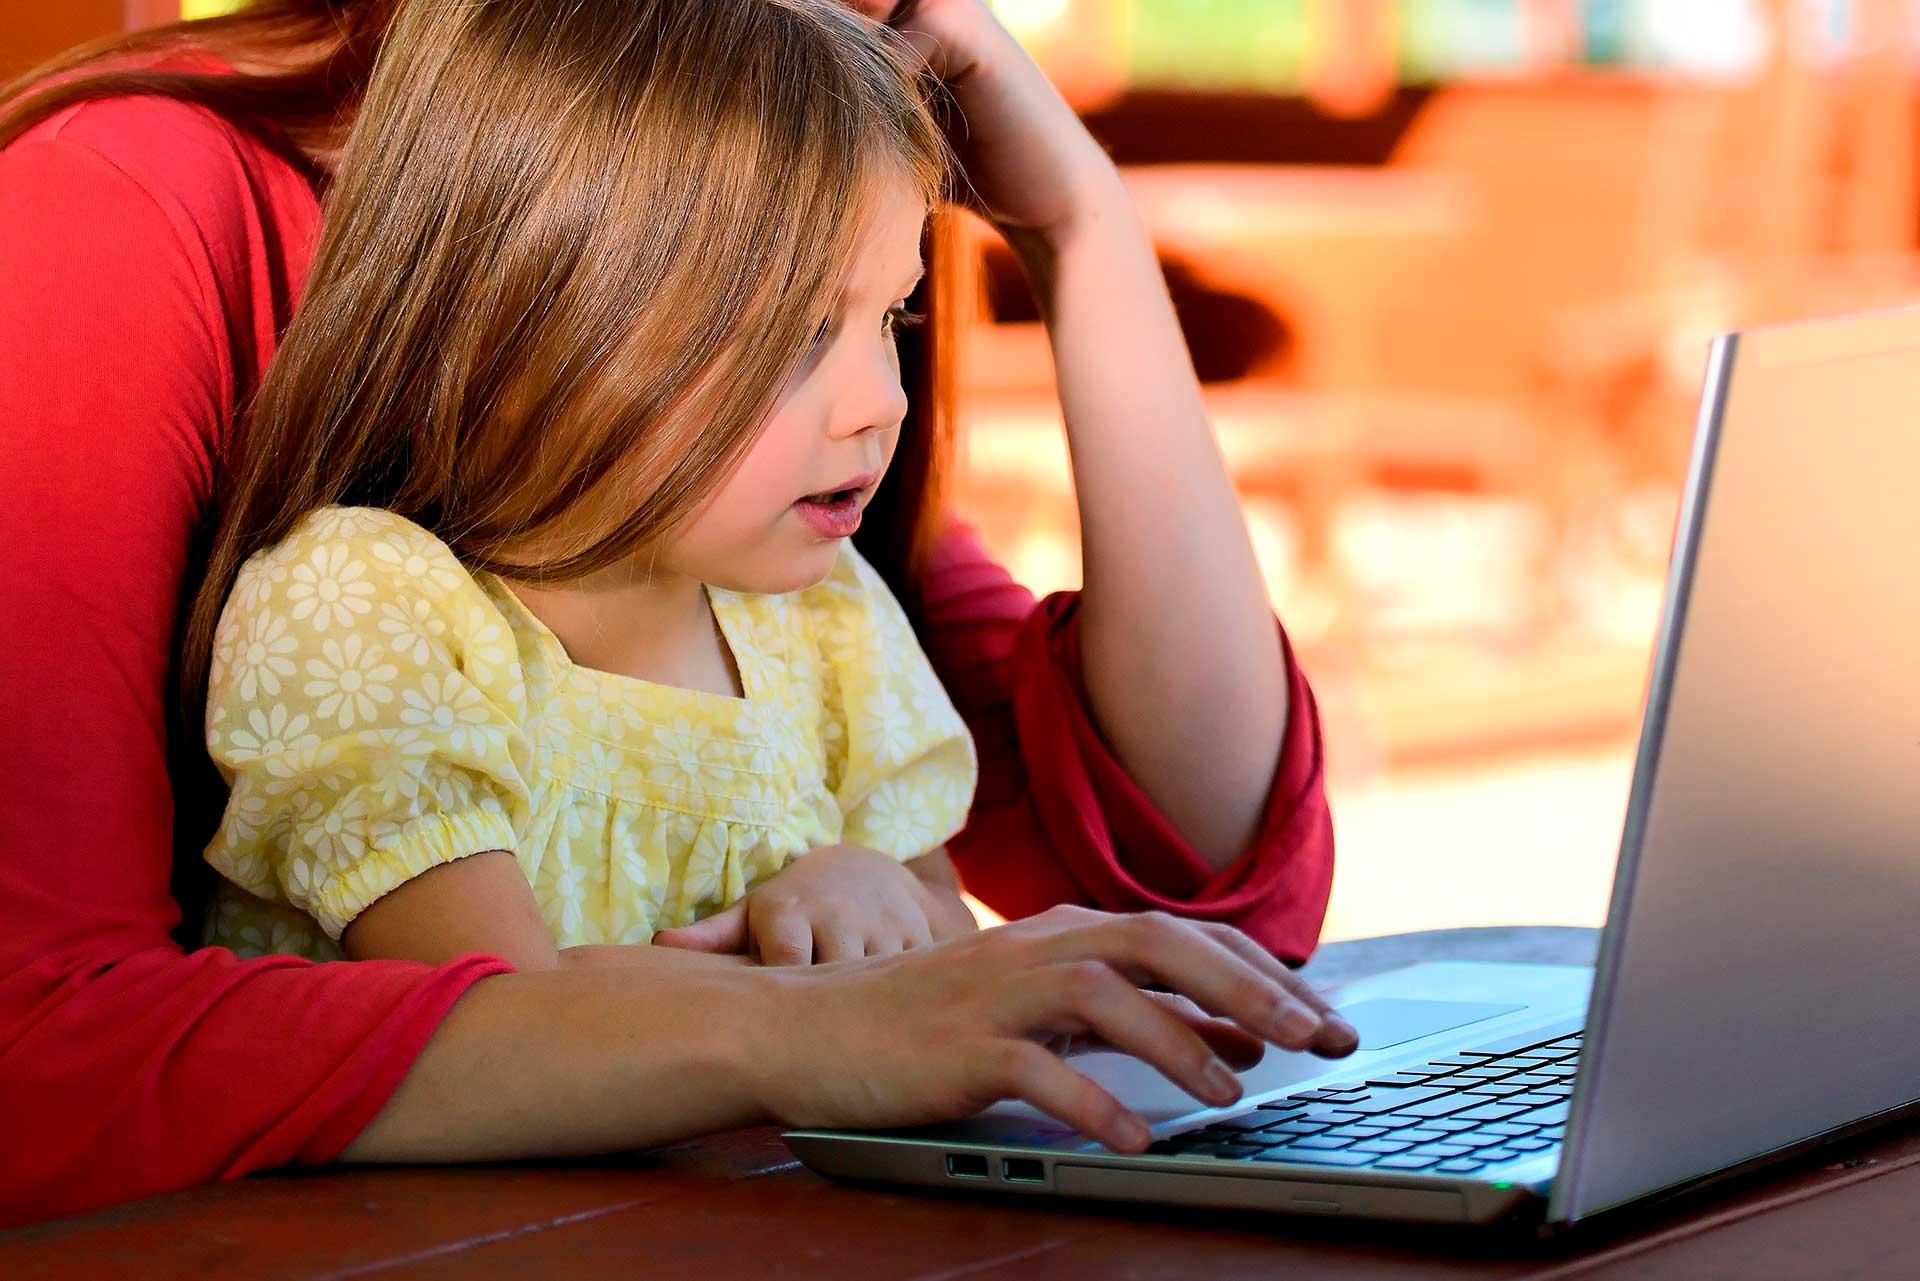 Los beneficios de aprender a programar durante la infancia